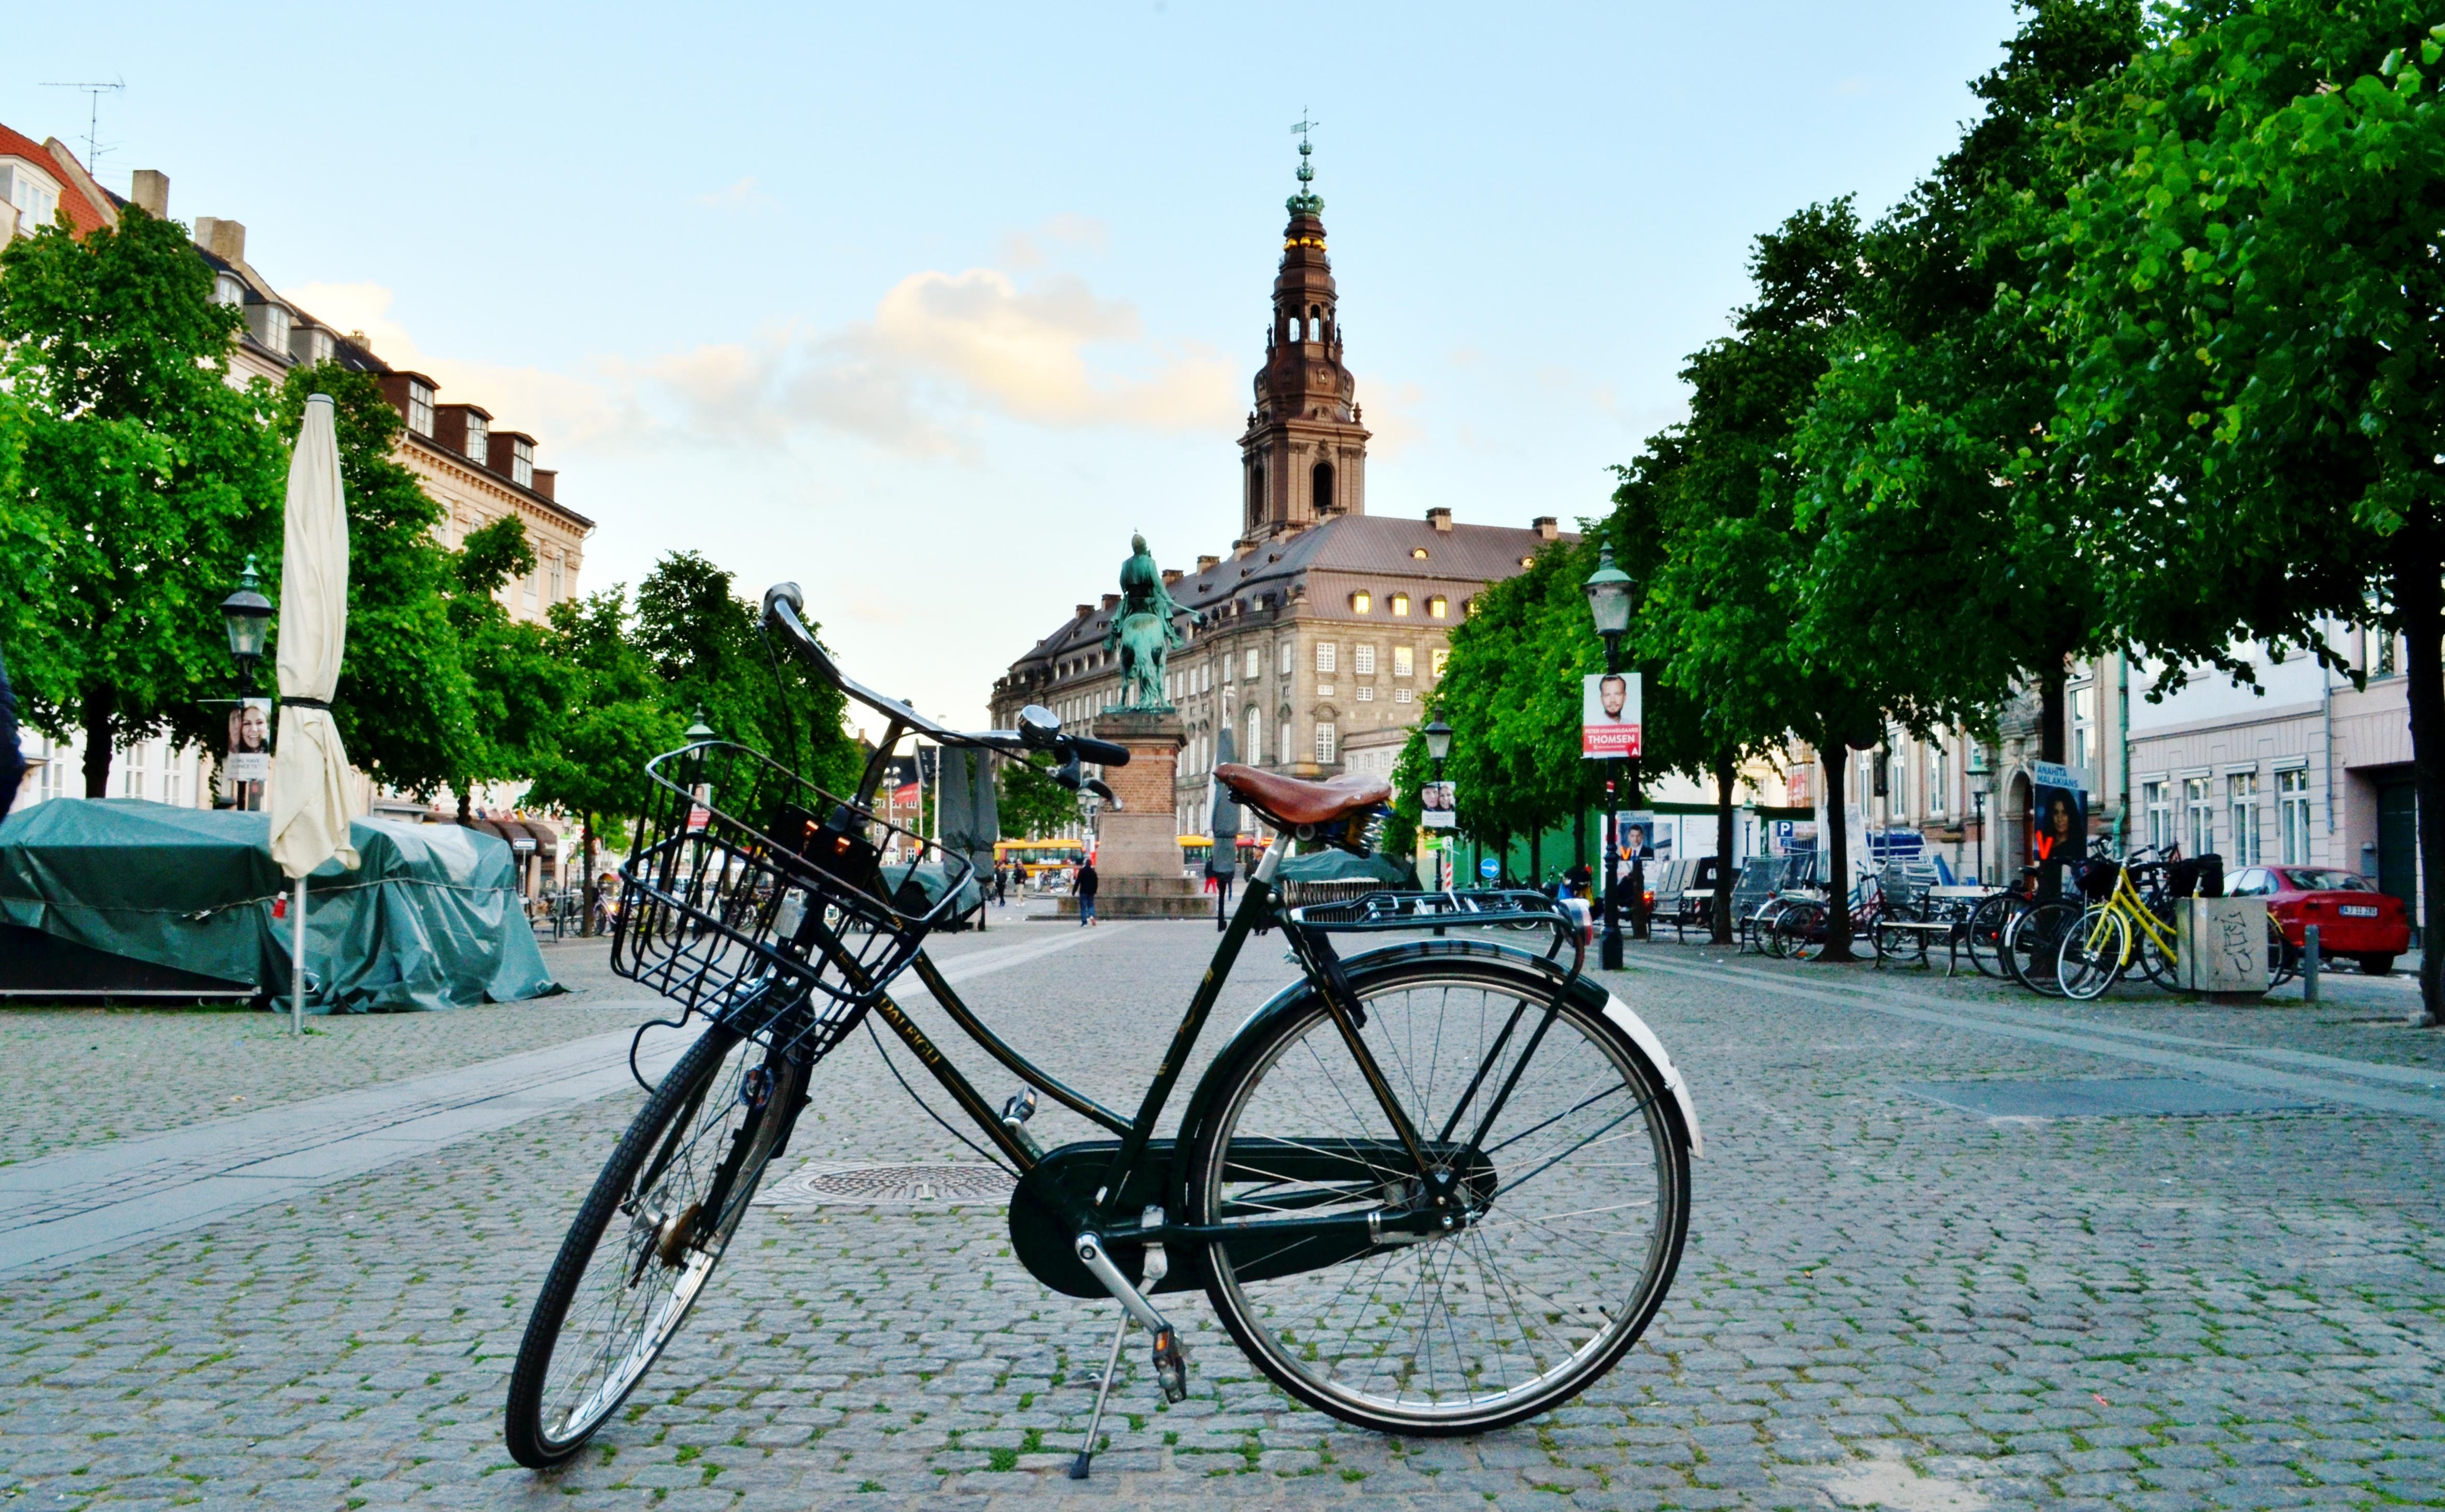 Copenhague (Danilo Cersosimo)